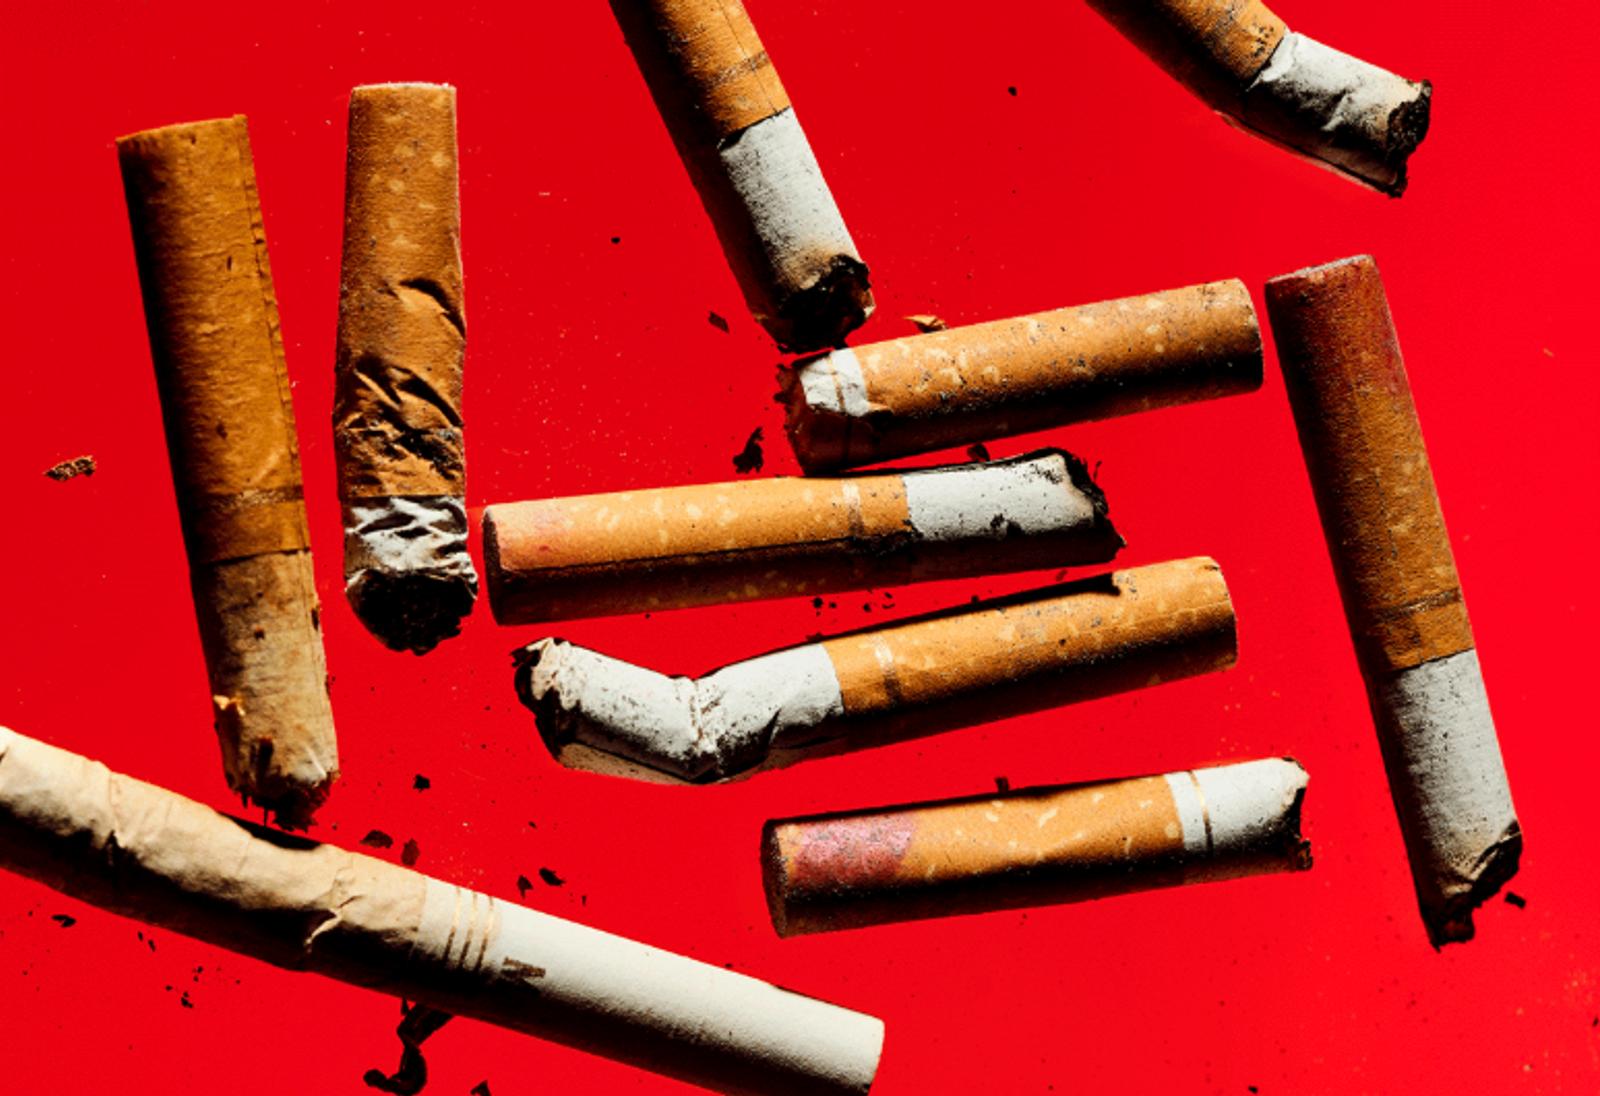 Giftig, nutzlos aus Plastik: Gehören Zigarettenfilter verboten?